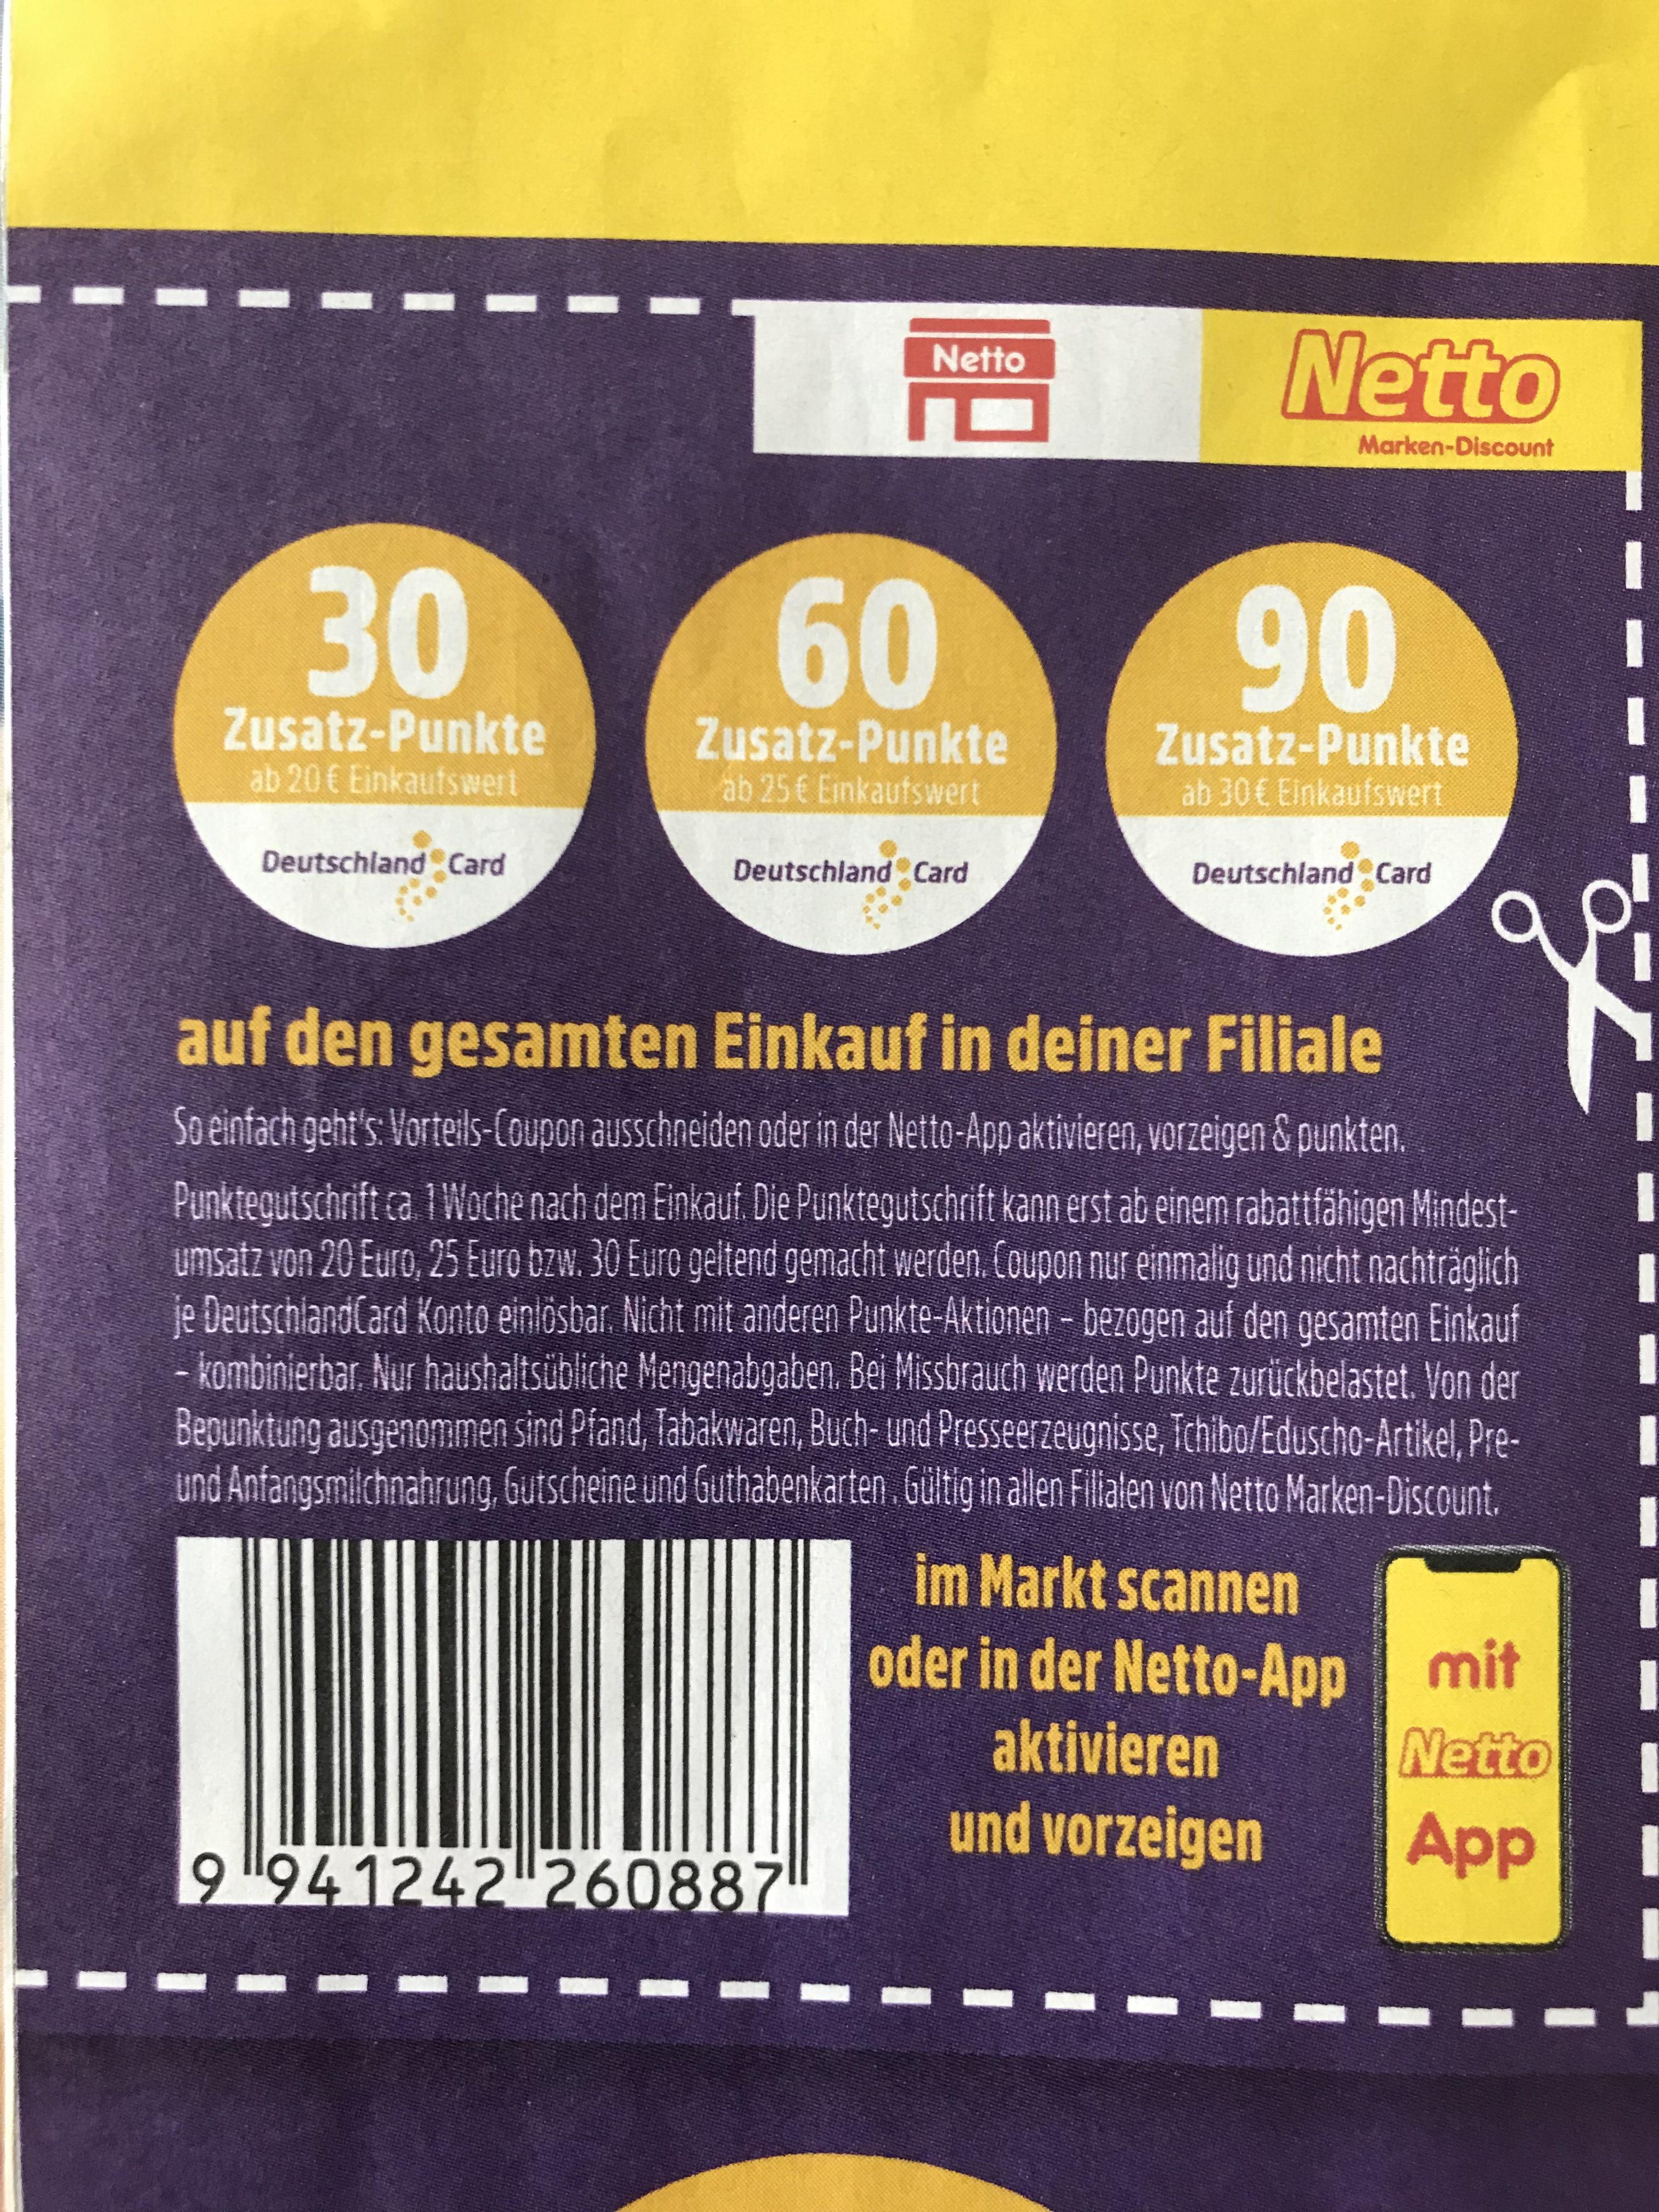 NETTO 30-90 Zusatzpunkte auf DeutschlandCard